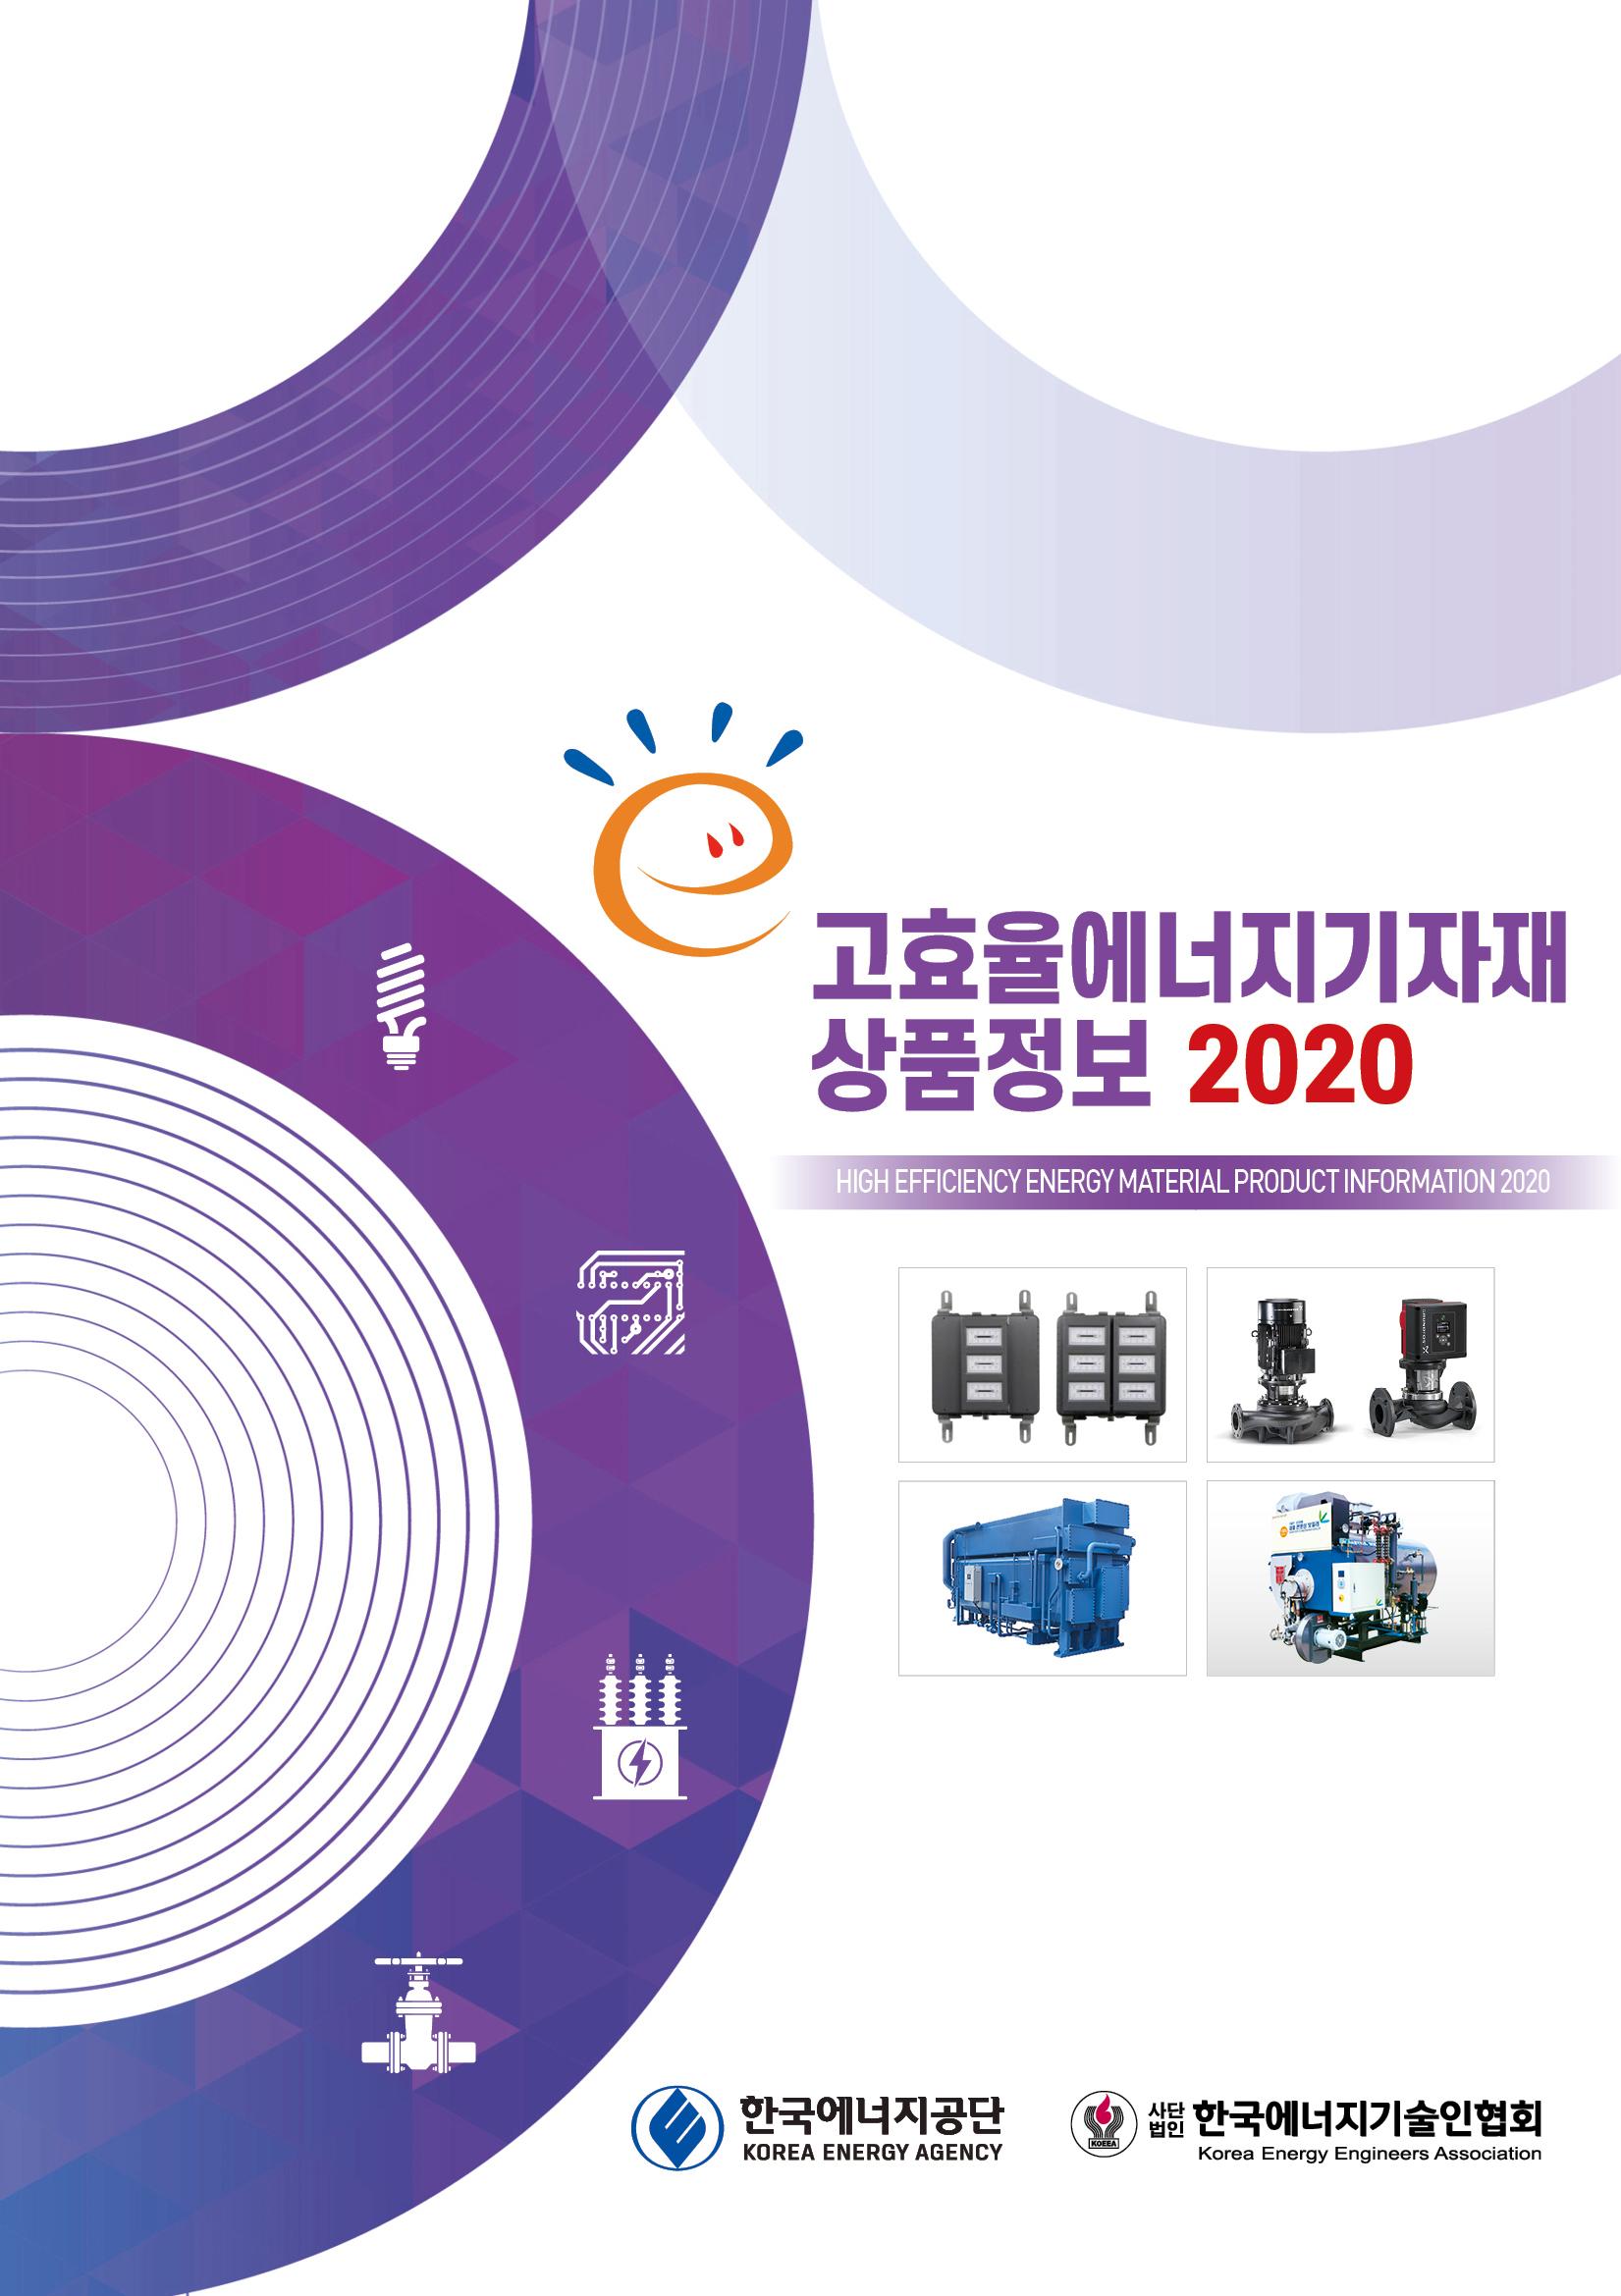 <고효율에너지기자재상품정보 2020> E-BOOK